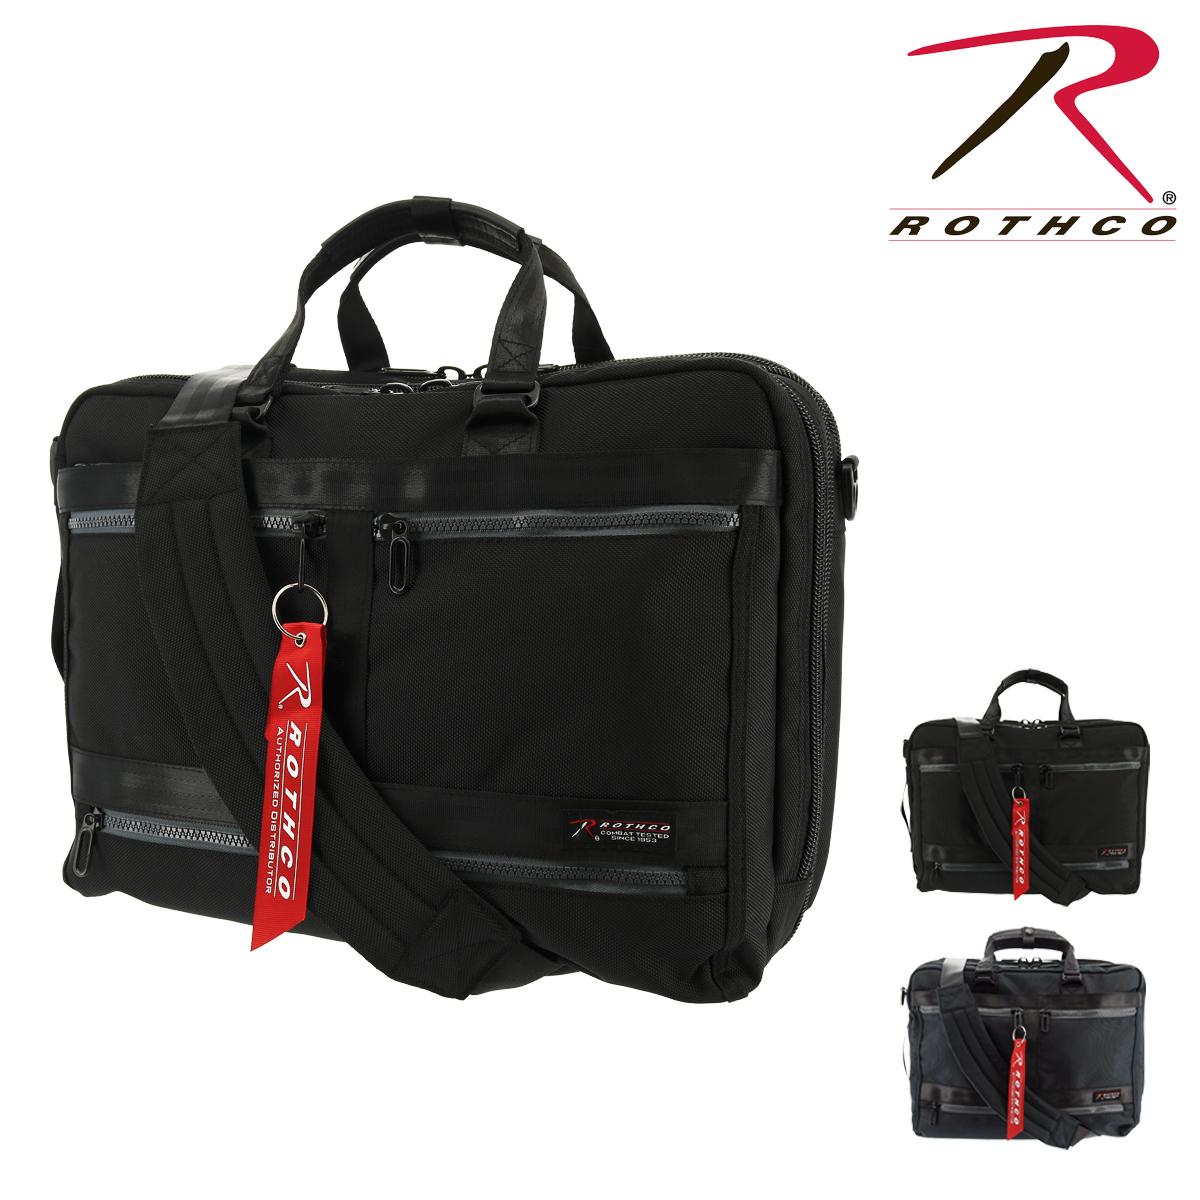 ロスコ ブリーフケース B4 3WAY COMMAND メンズ 45017 ROTHCO | ビジネスリュック ビジネスバッグ キャリーオン[PO10]